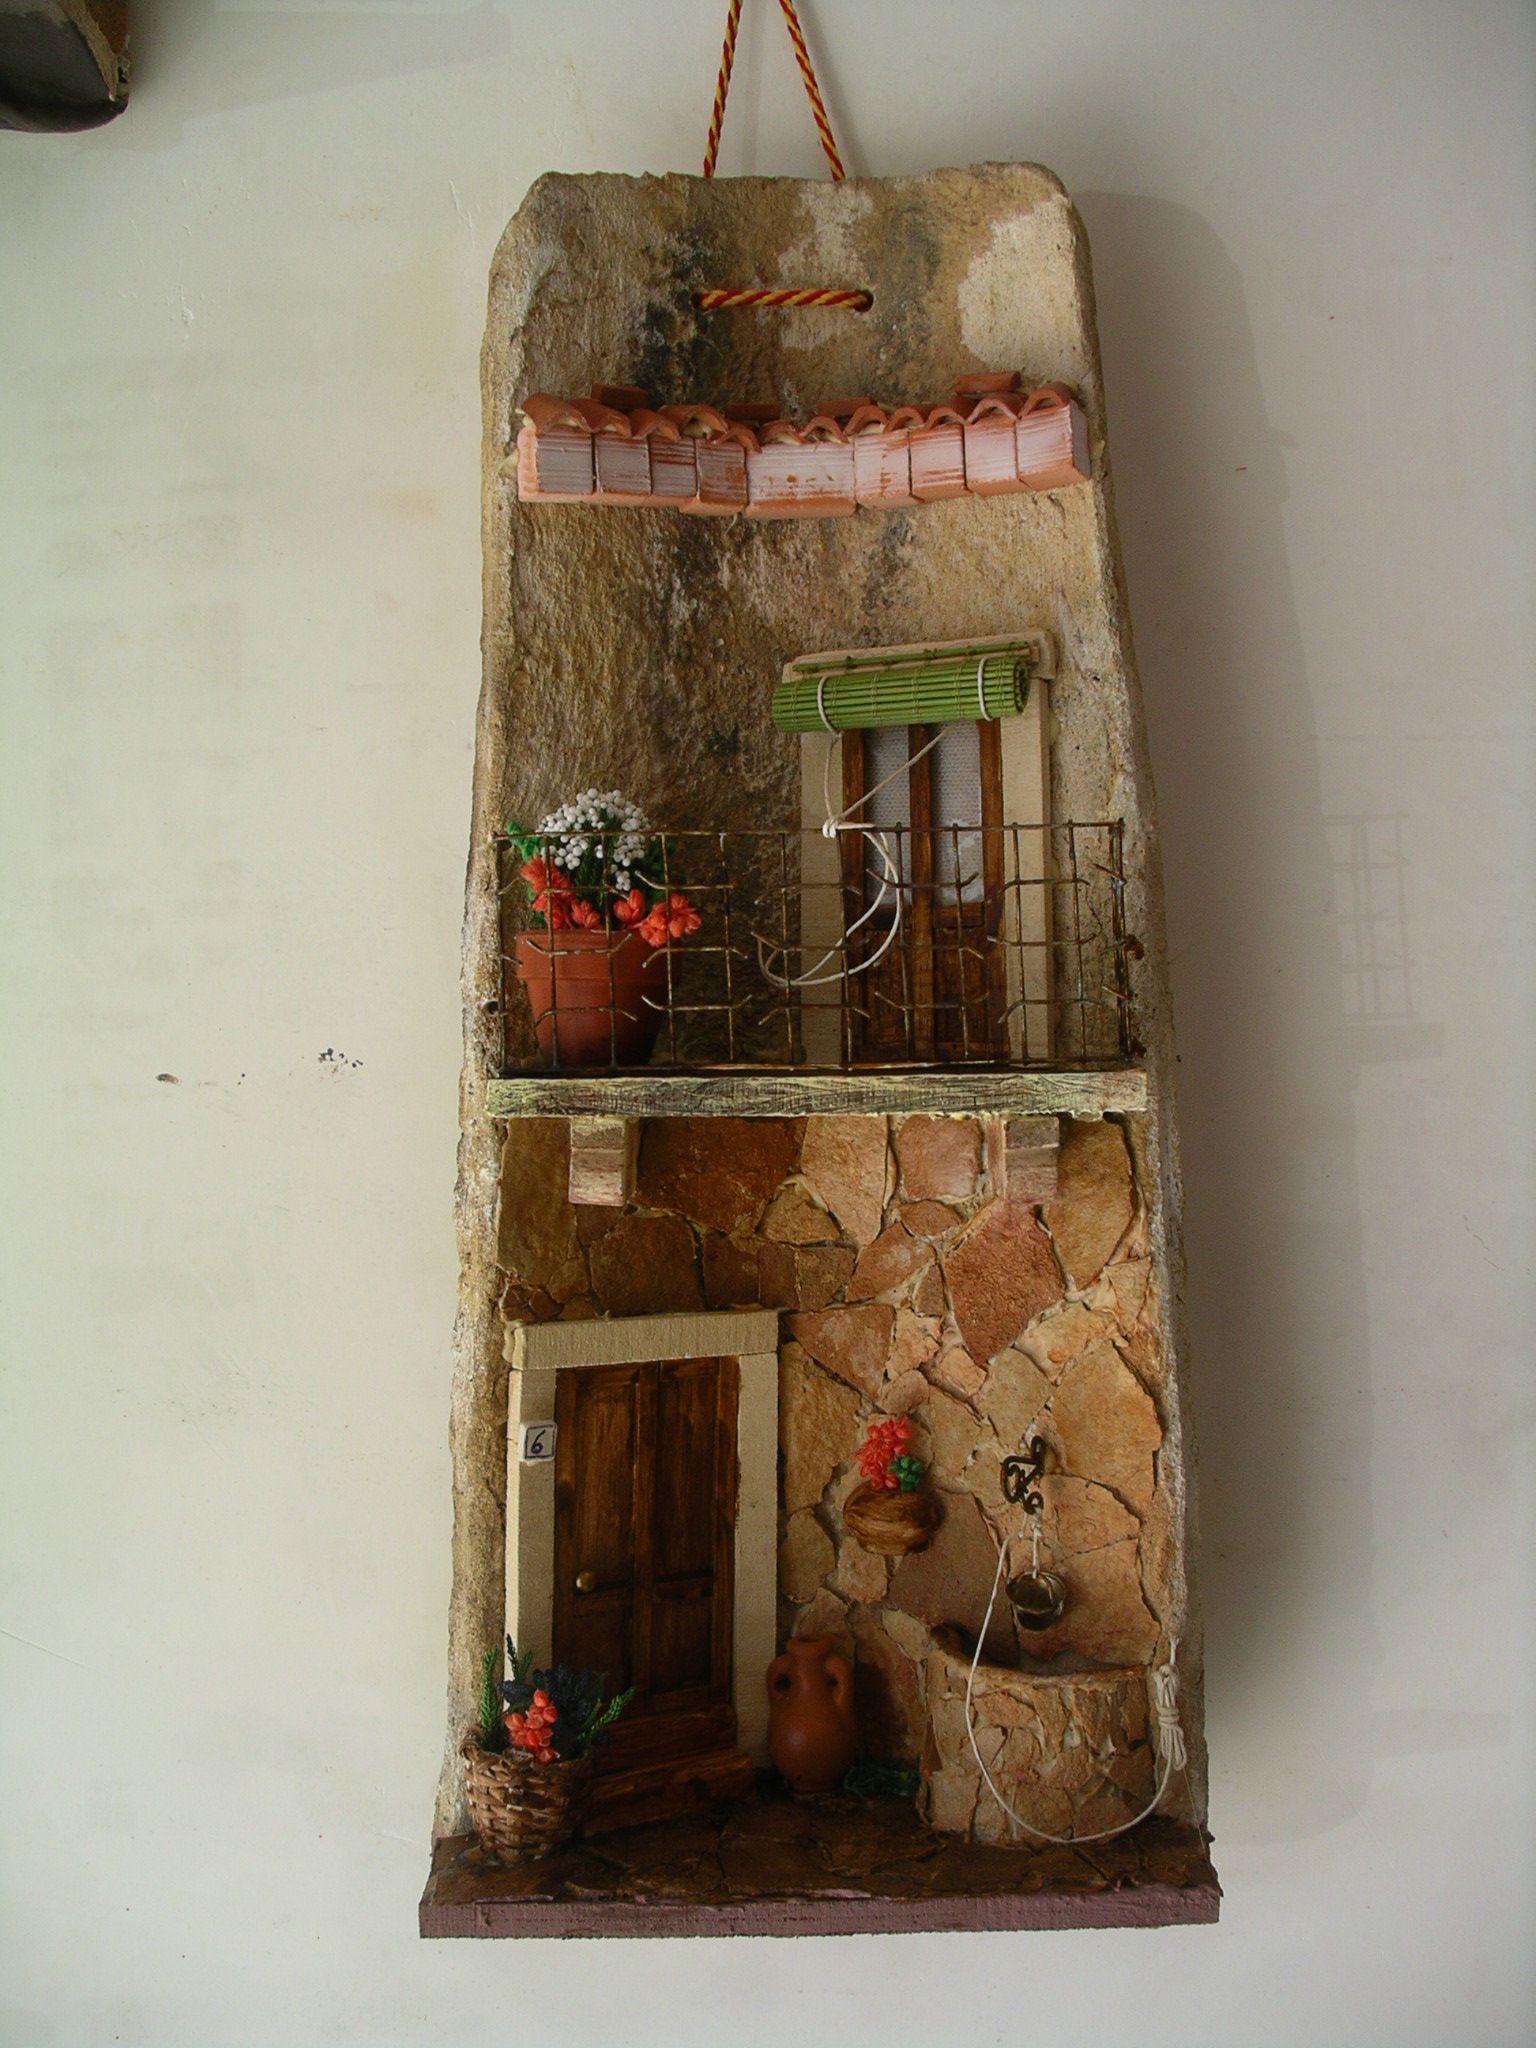 Tegole colorate cerca con google tejas de arcilla decoradas a mano - Pintar tejas de barro ...